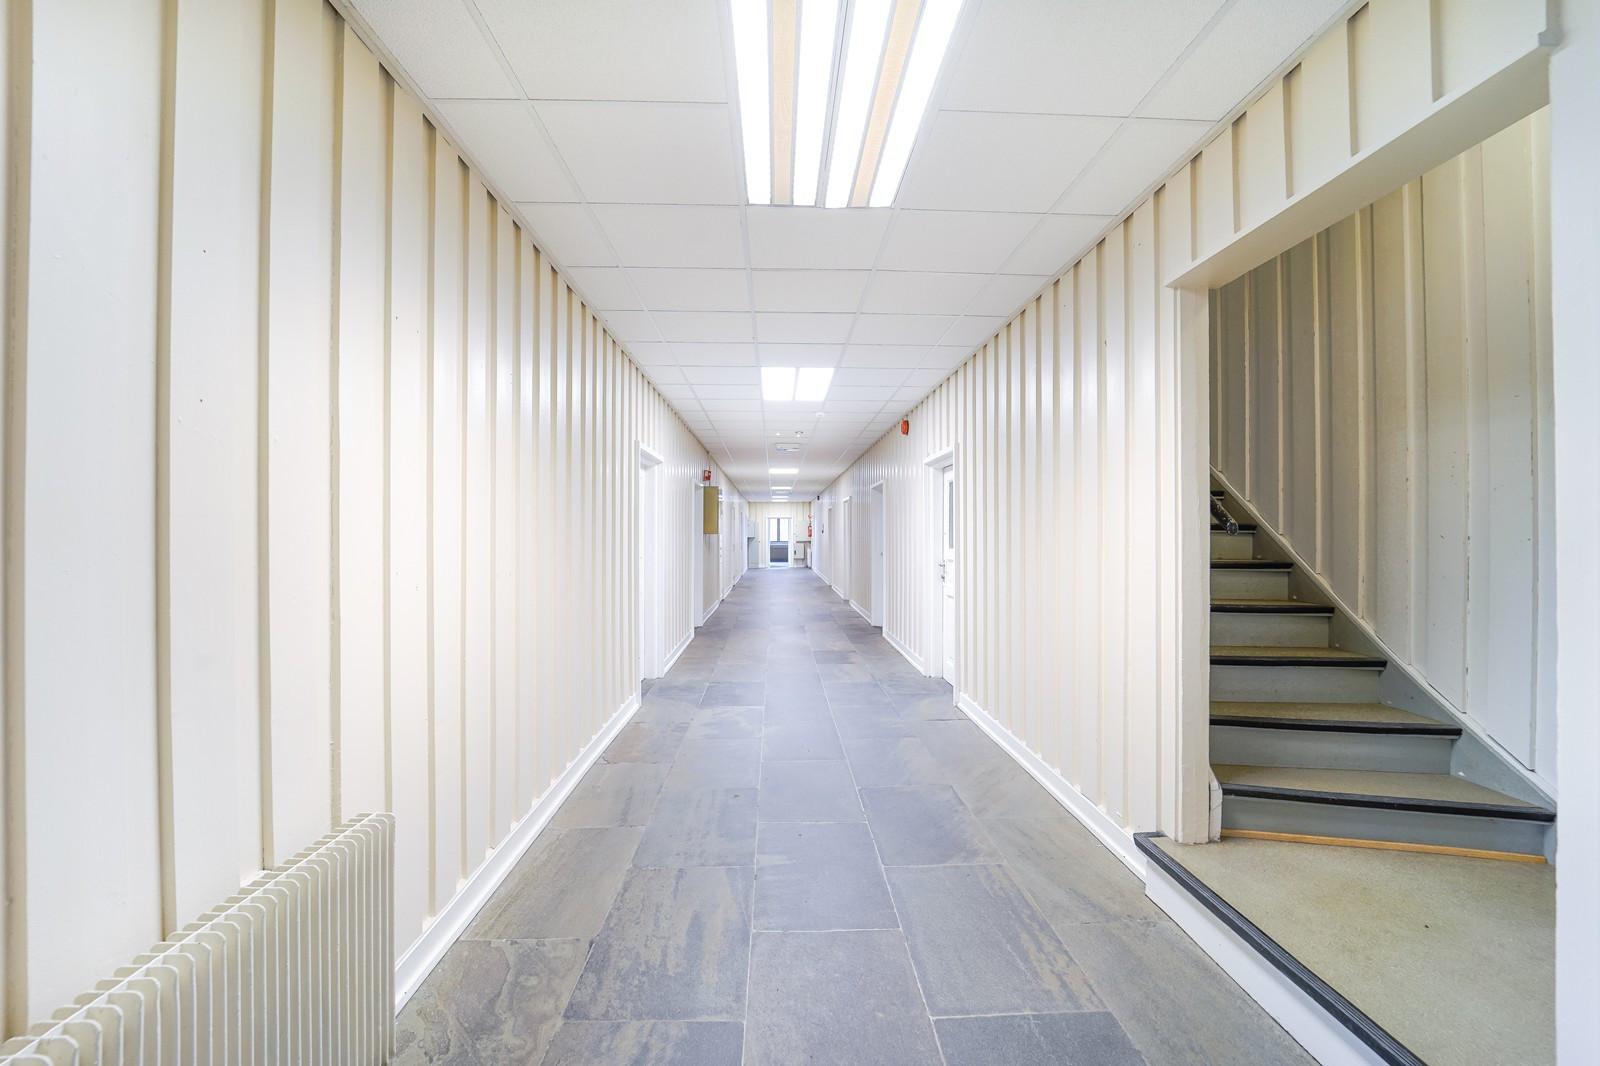 Kontorene ligger på begge sider av gangen